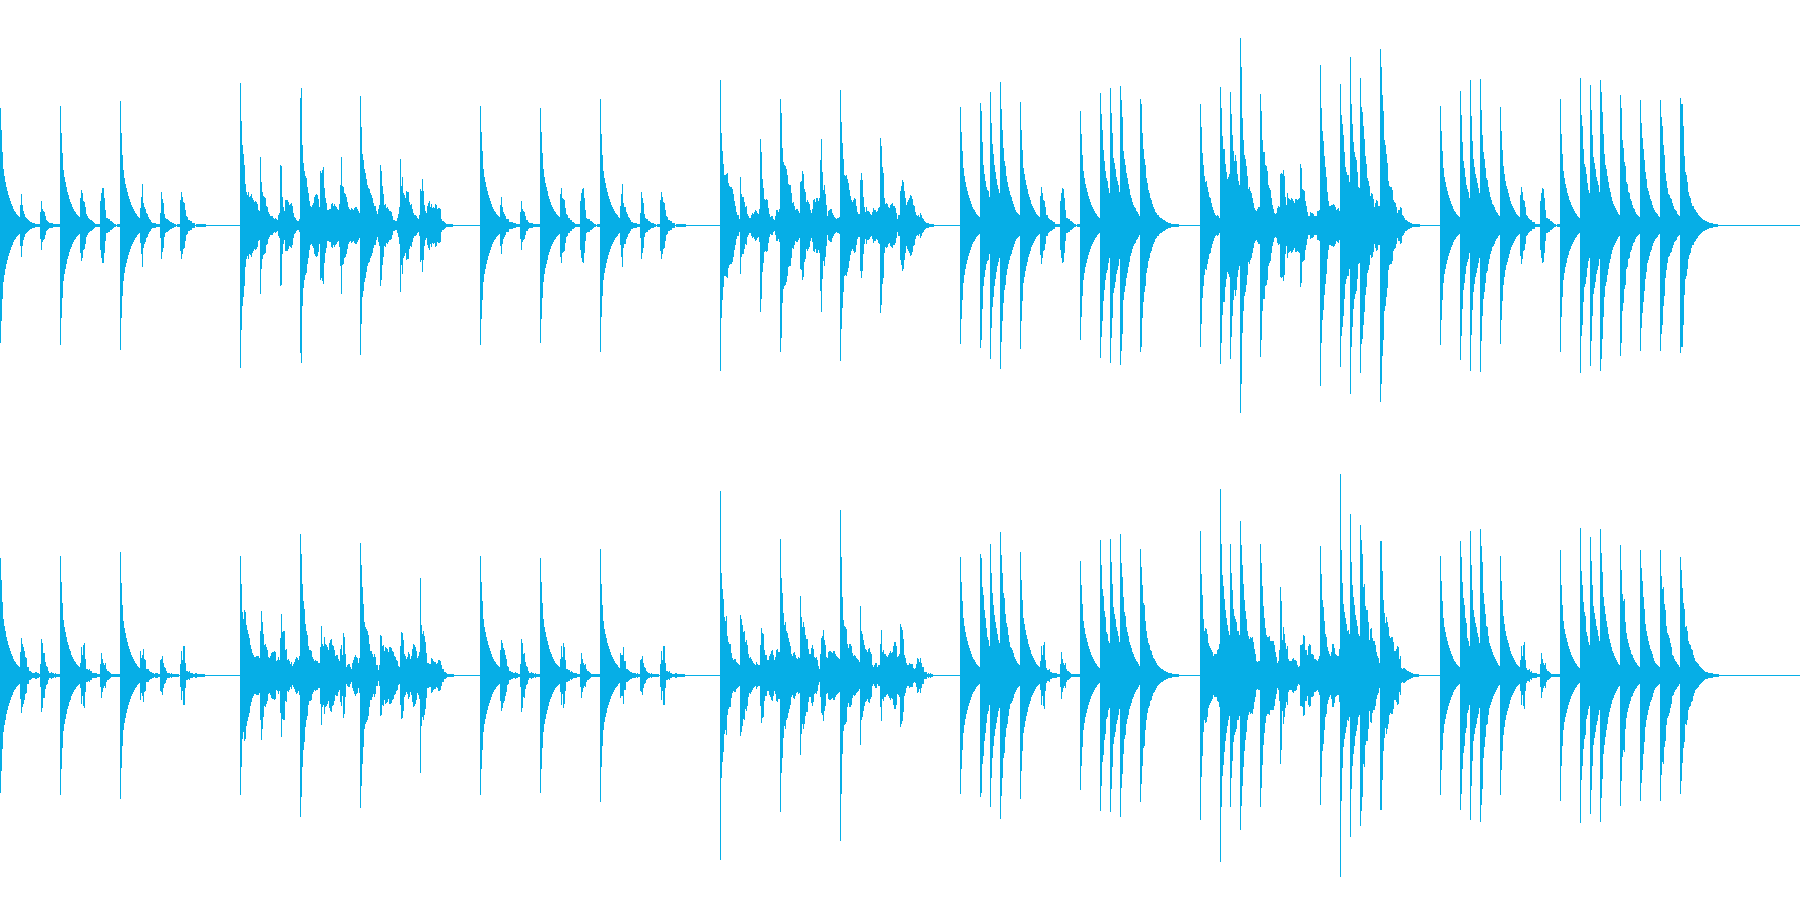 おもちゃの兵隊が歩き回るイメージの曲の再生済みの波形